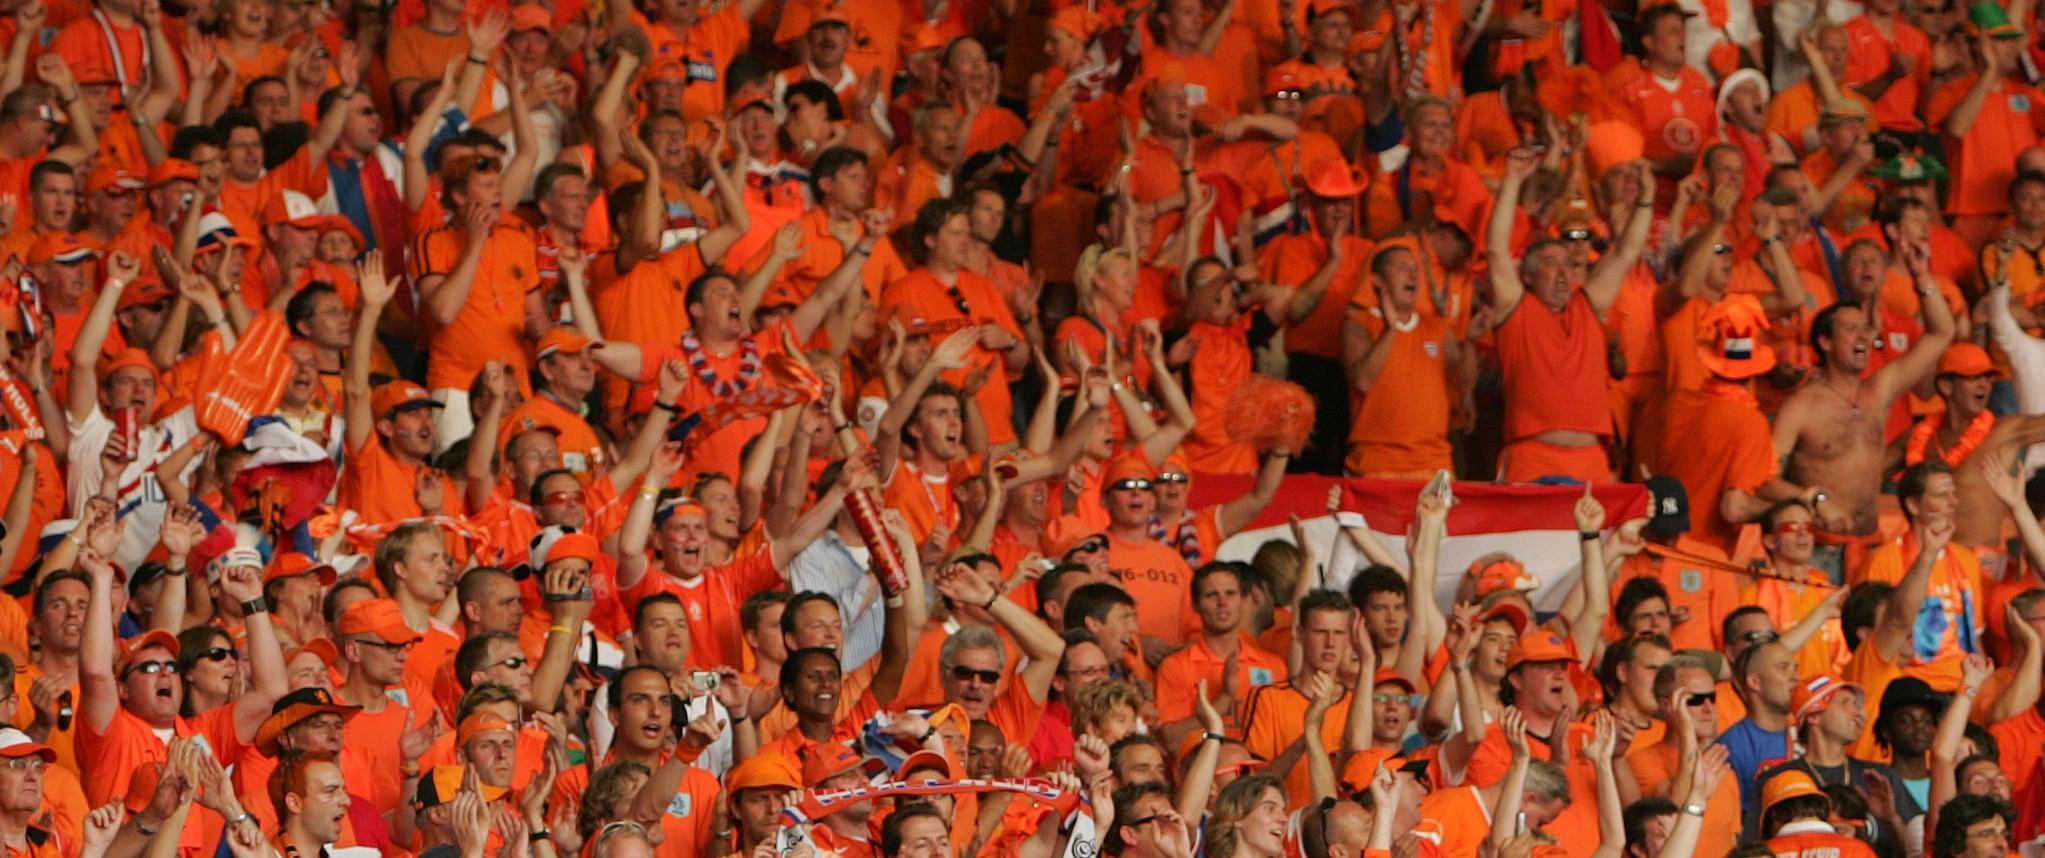 Erfenis in oranje-wk-brazilie